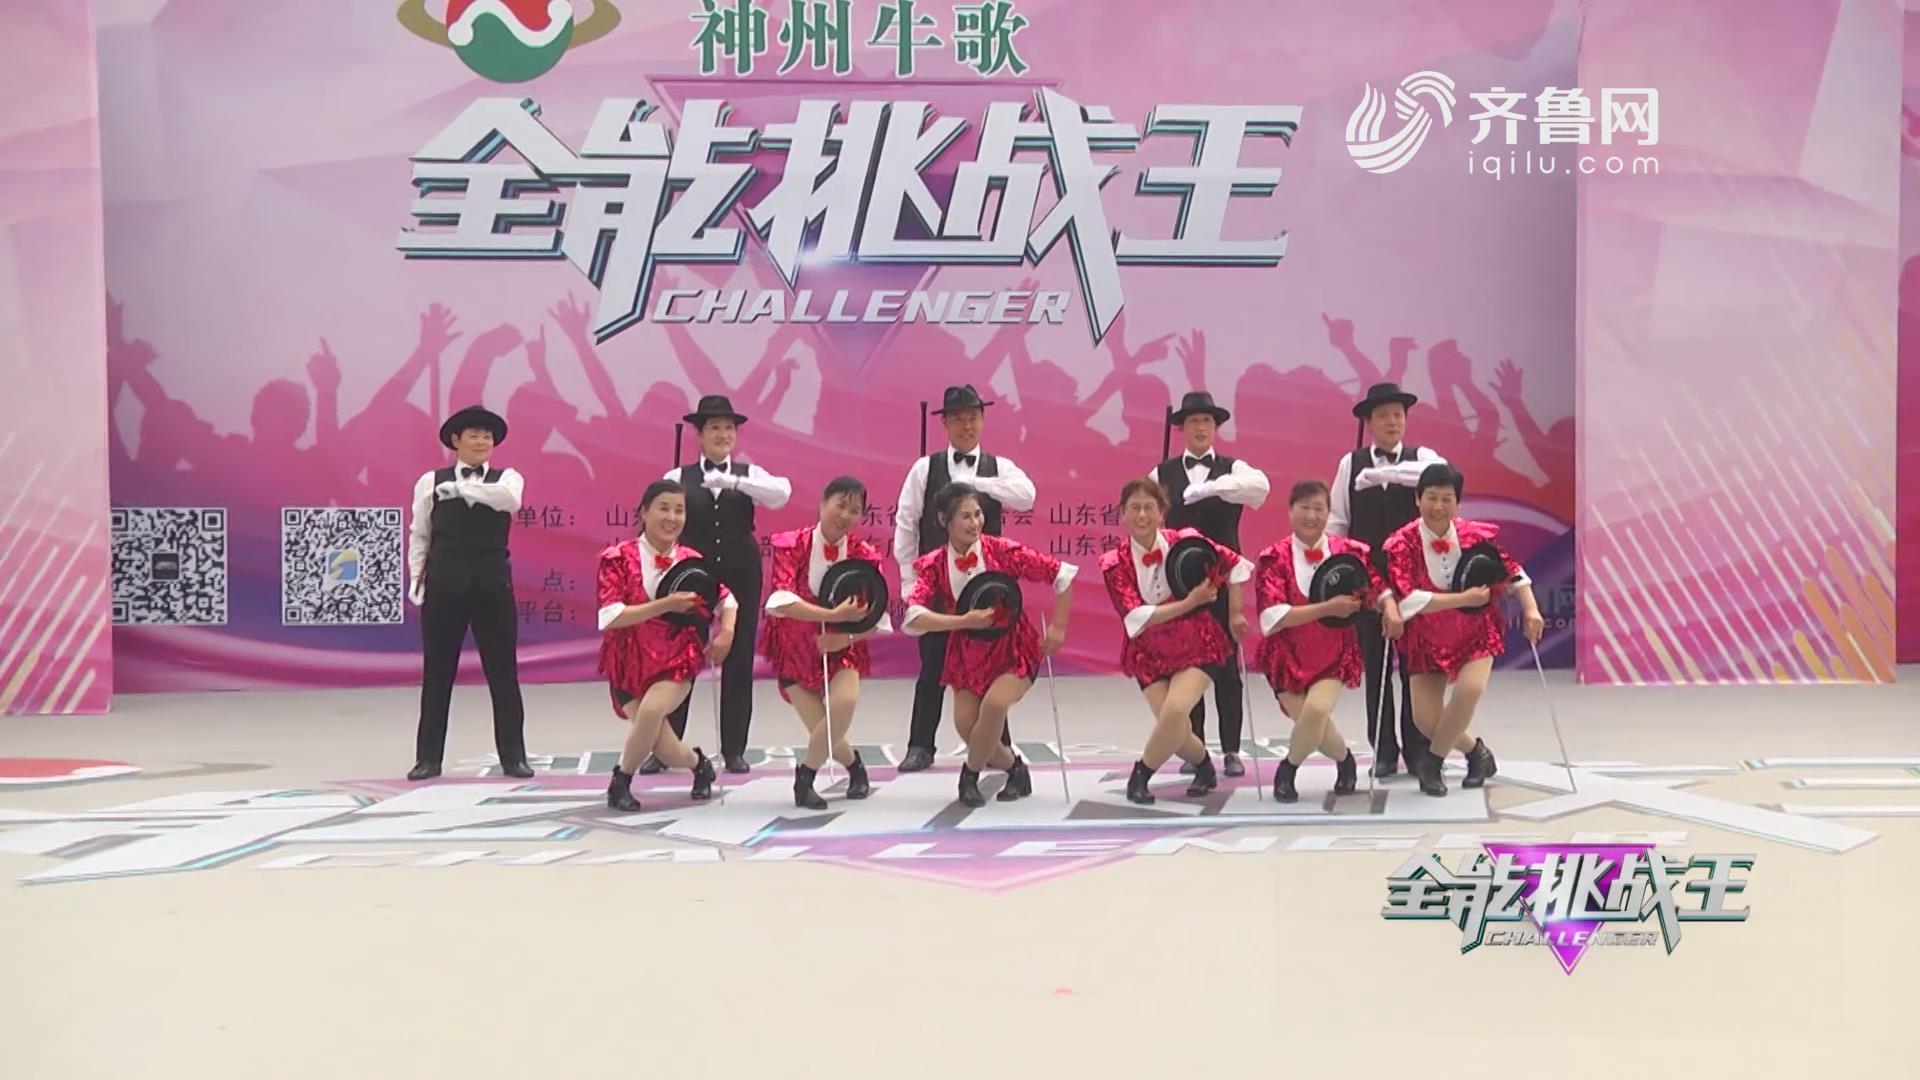 《全能挑战王》潍坊舞之韵艺术团表演《活力四射》